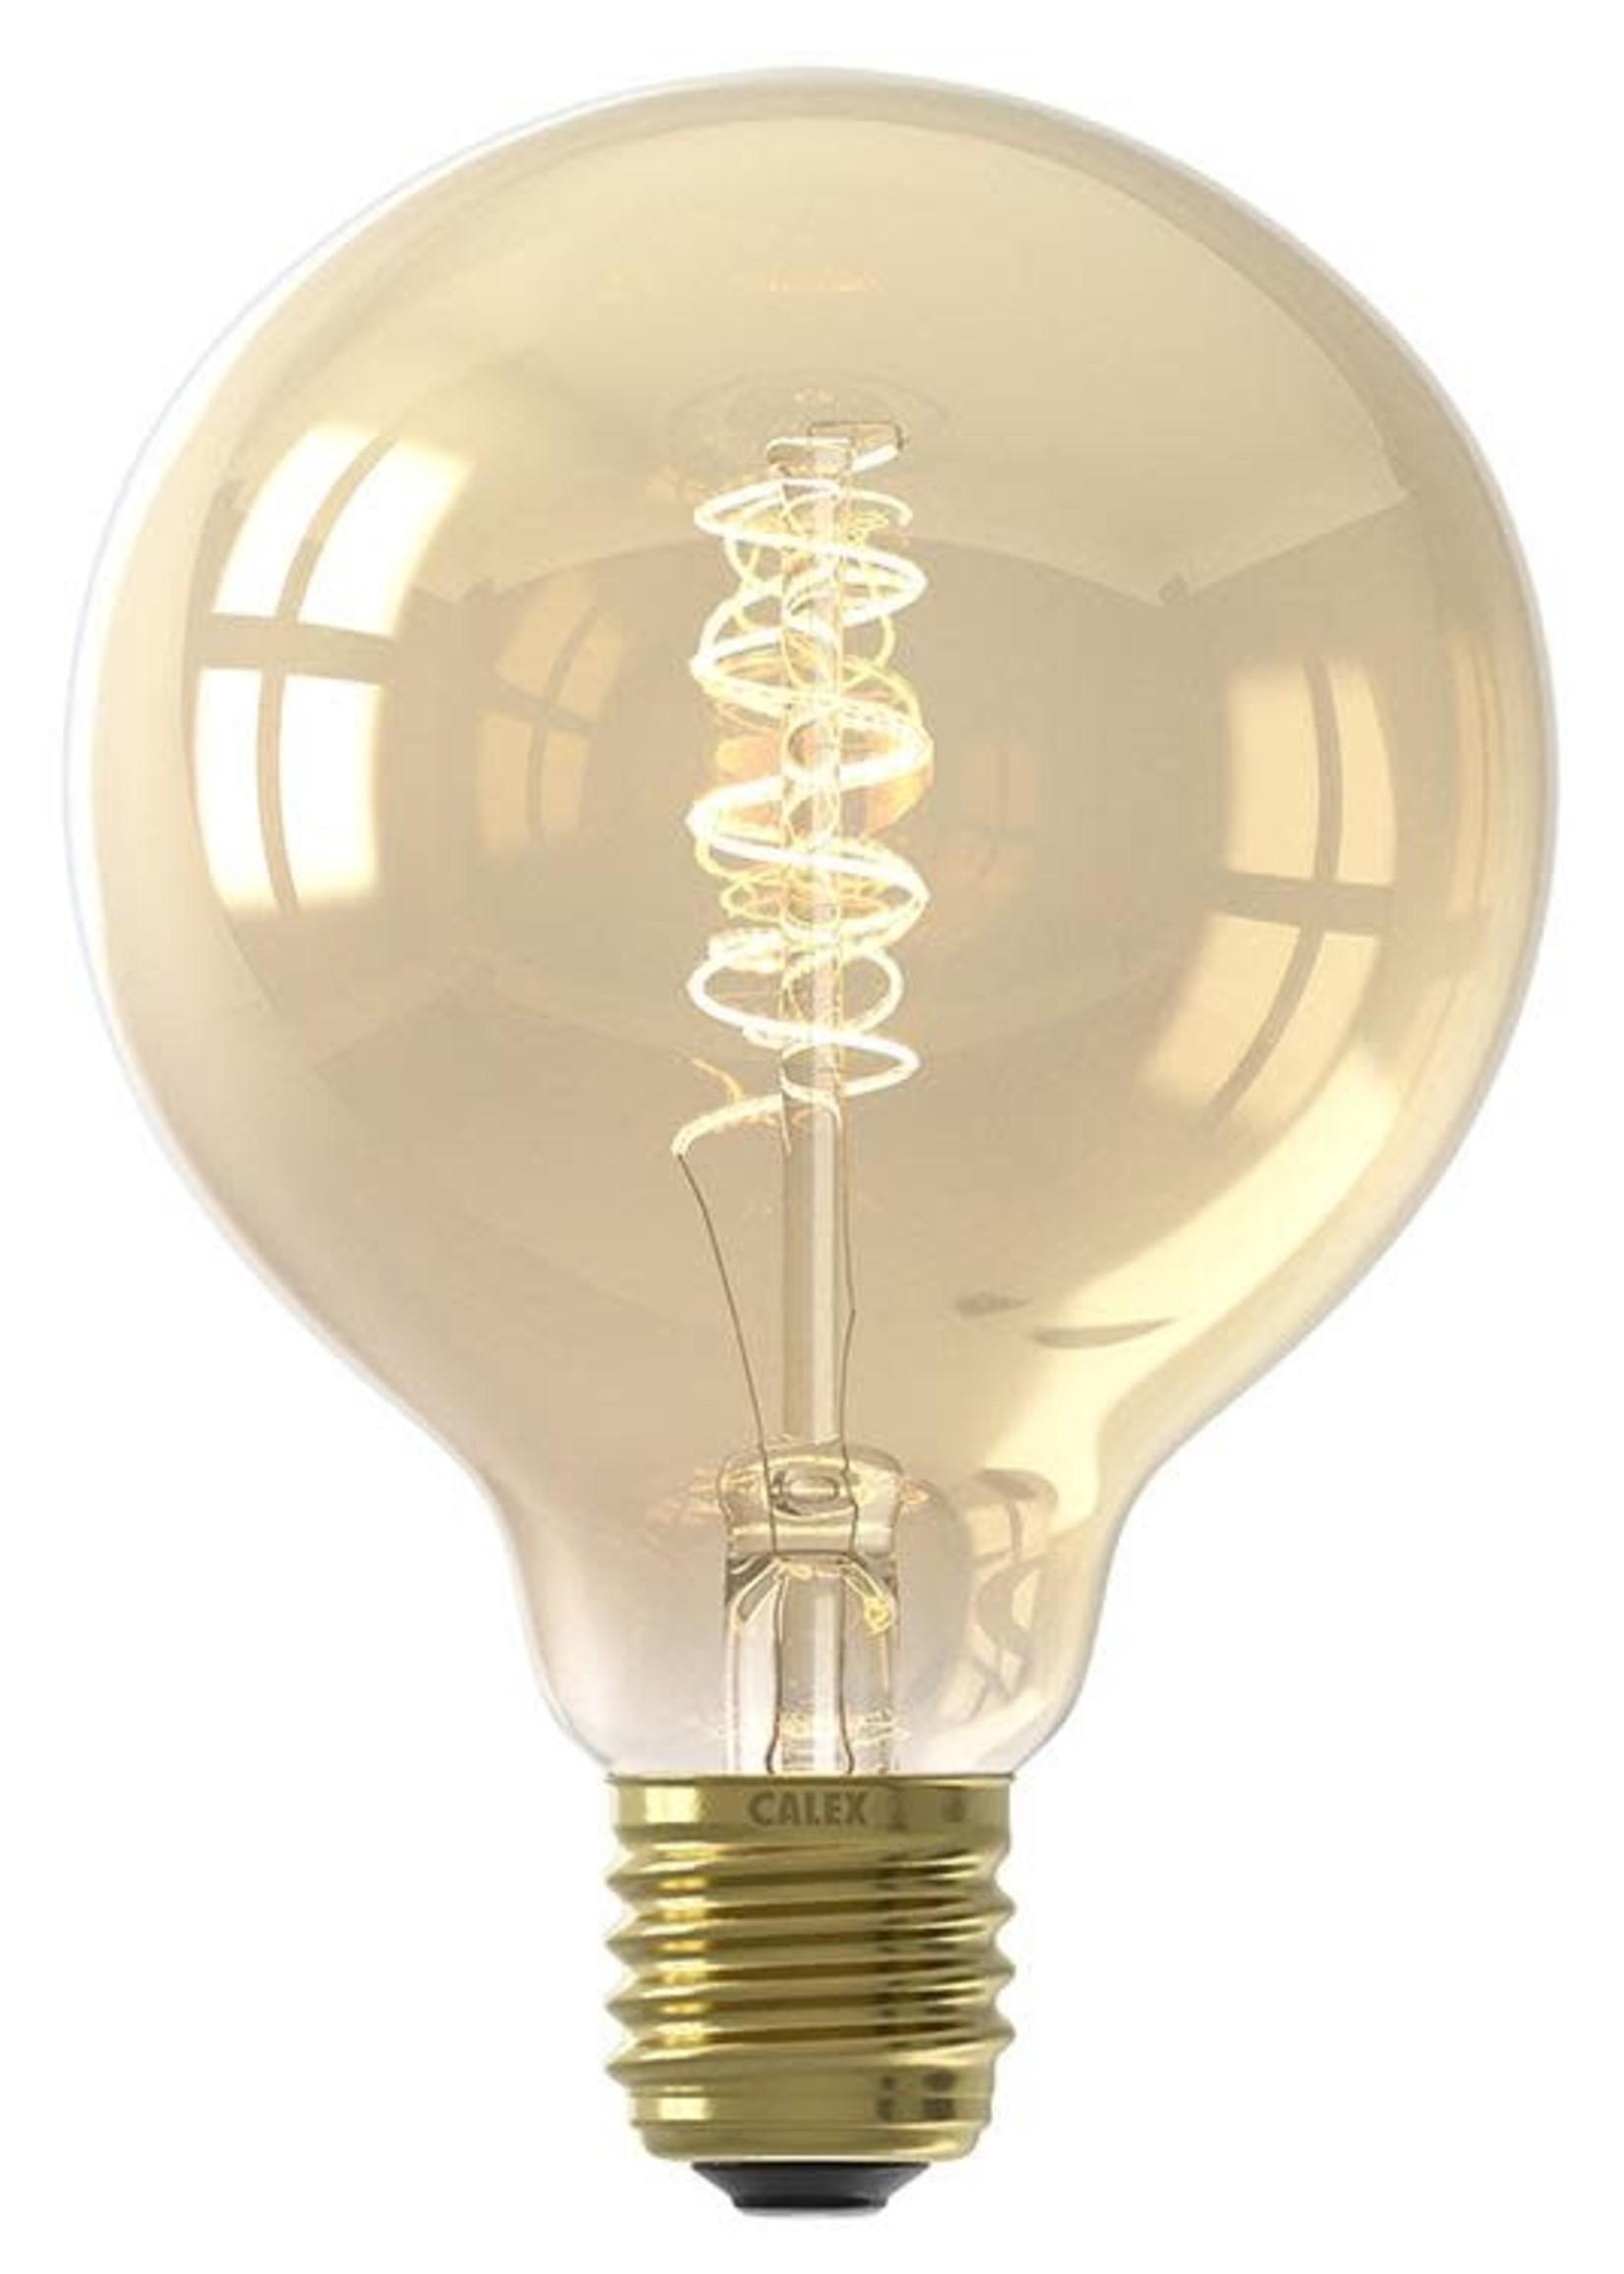 Calex Calex LED volglas Flex Filament Globelamp 220-240V 4W 200lm E27 G95, Goud 2100K Dimbaar10, energielabel A